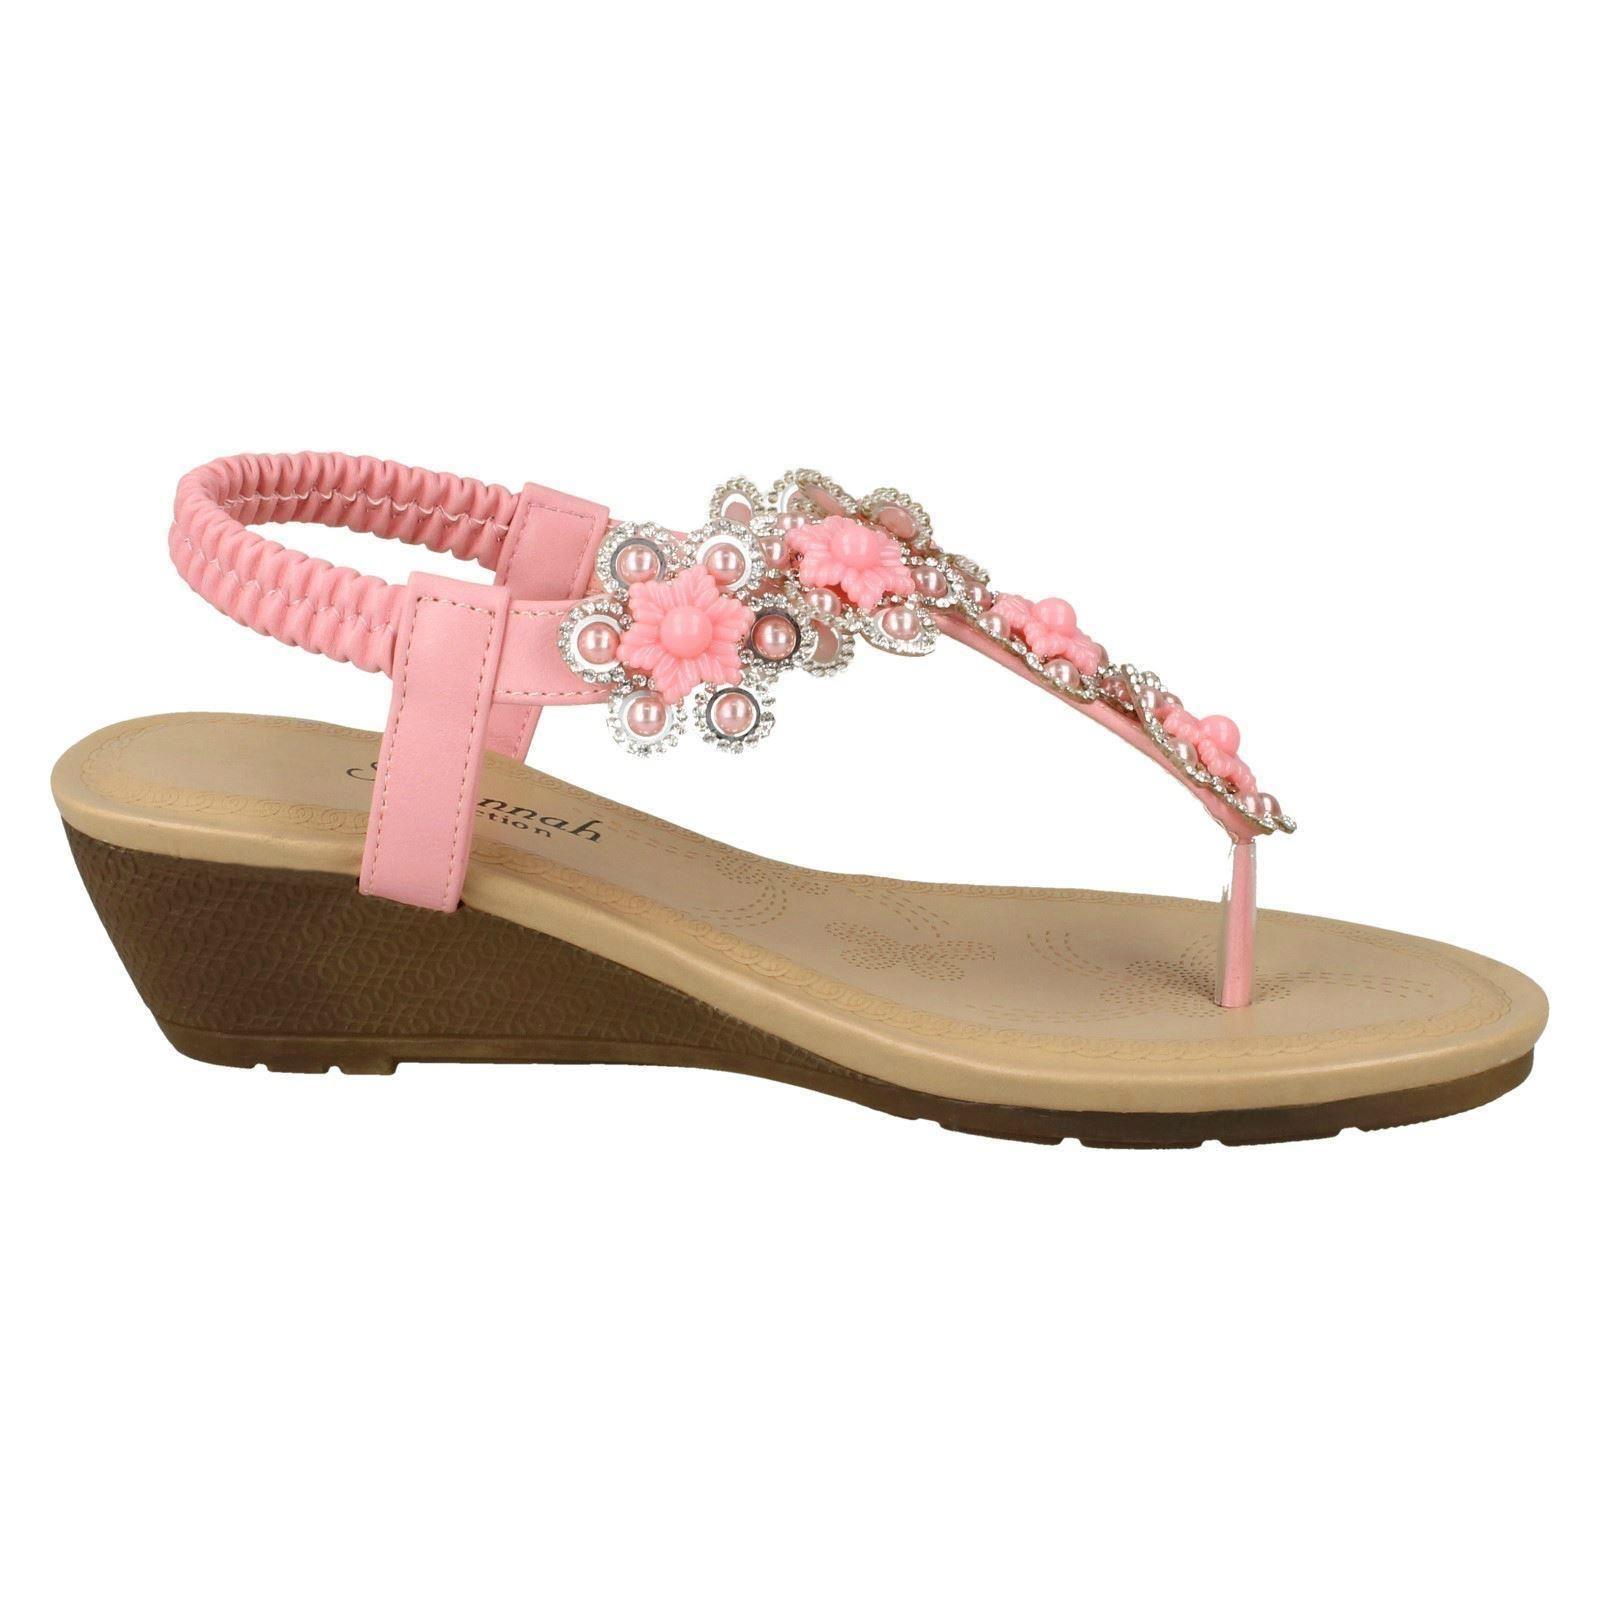 Ladies Savannah Mid Wedge Toepost Sandals With Flower Detail